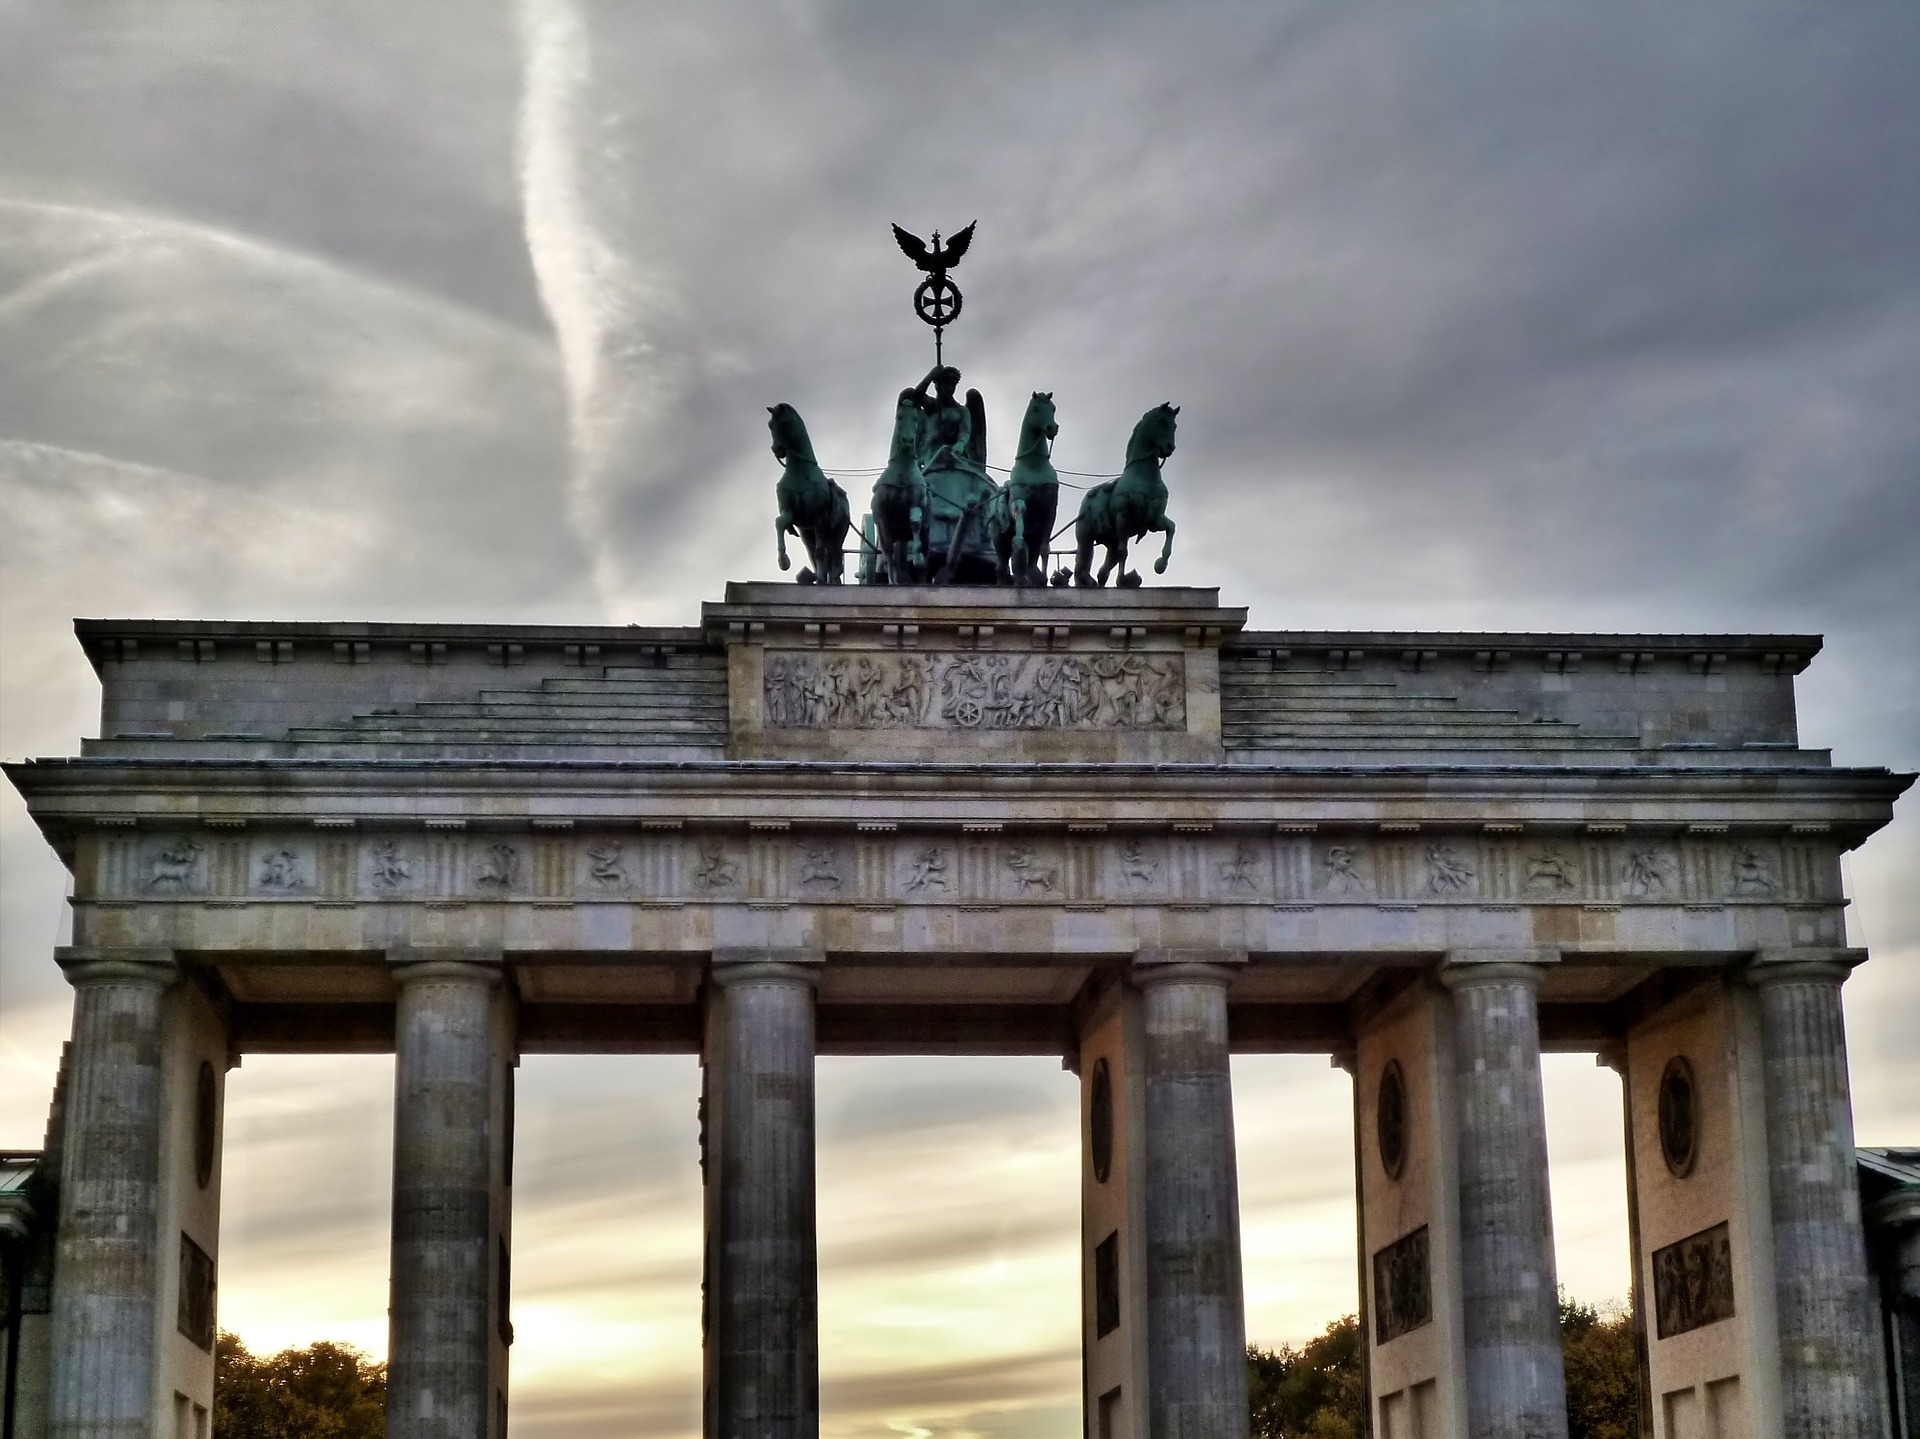 Berlin ist ein verrottendes Utopia (Kommentar)